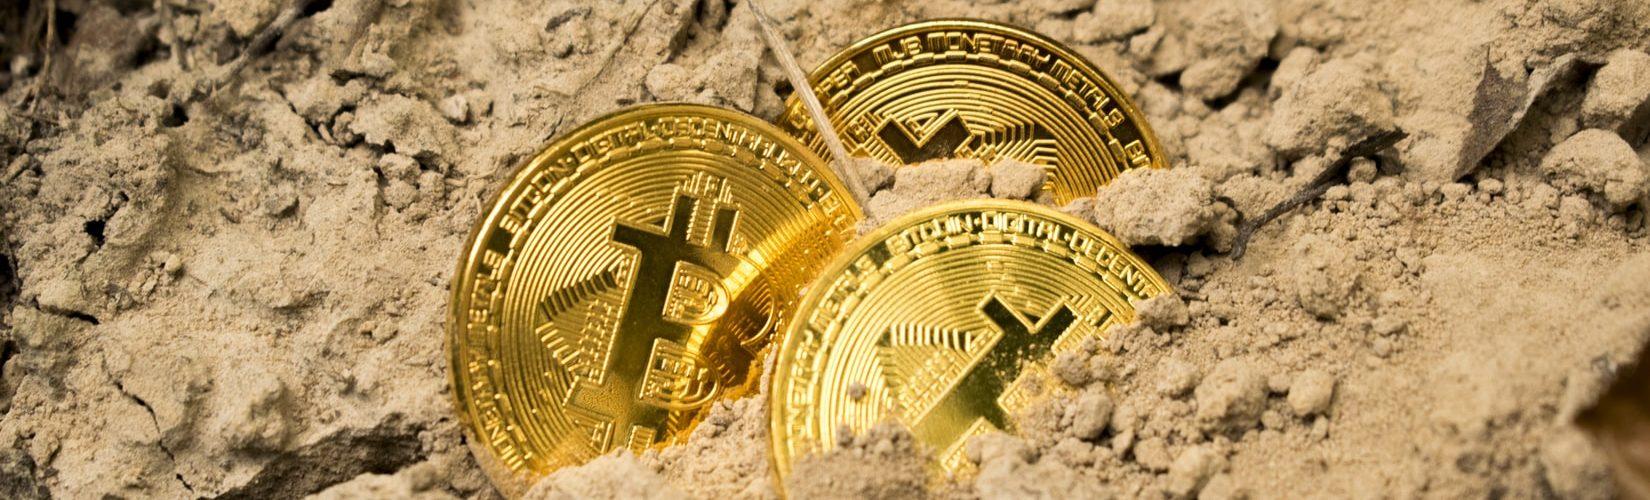 bitcoin-zand